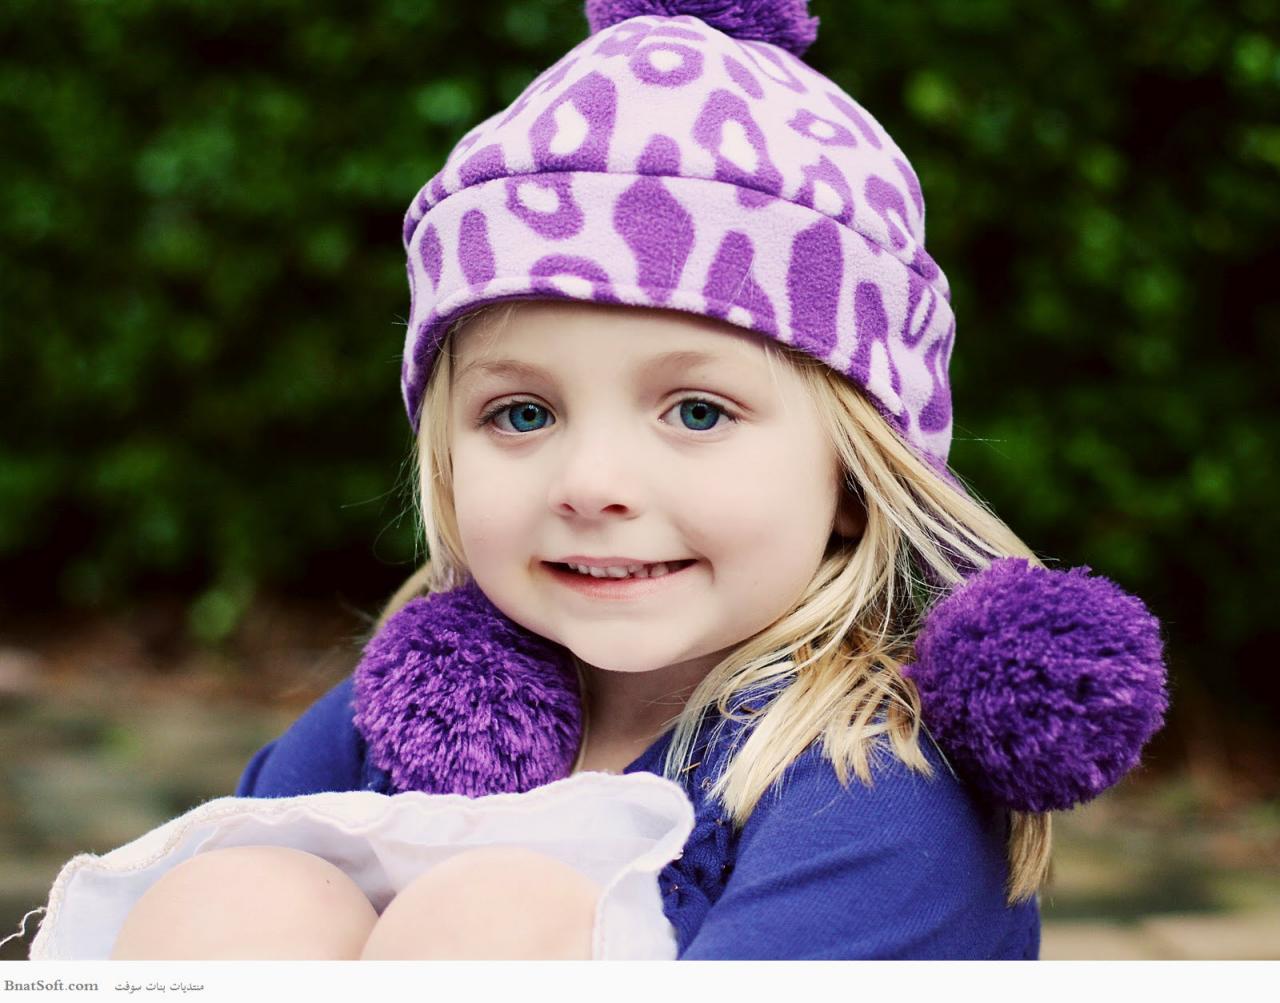 بالصور صباح الخير صور اطفال , صورة طفل لصباح مشرق 11237 2